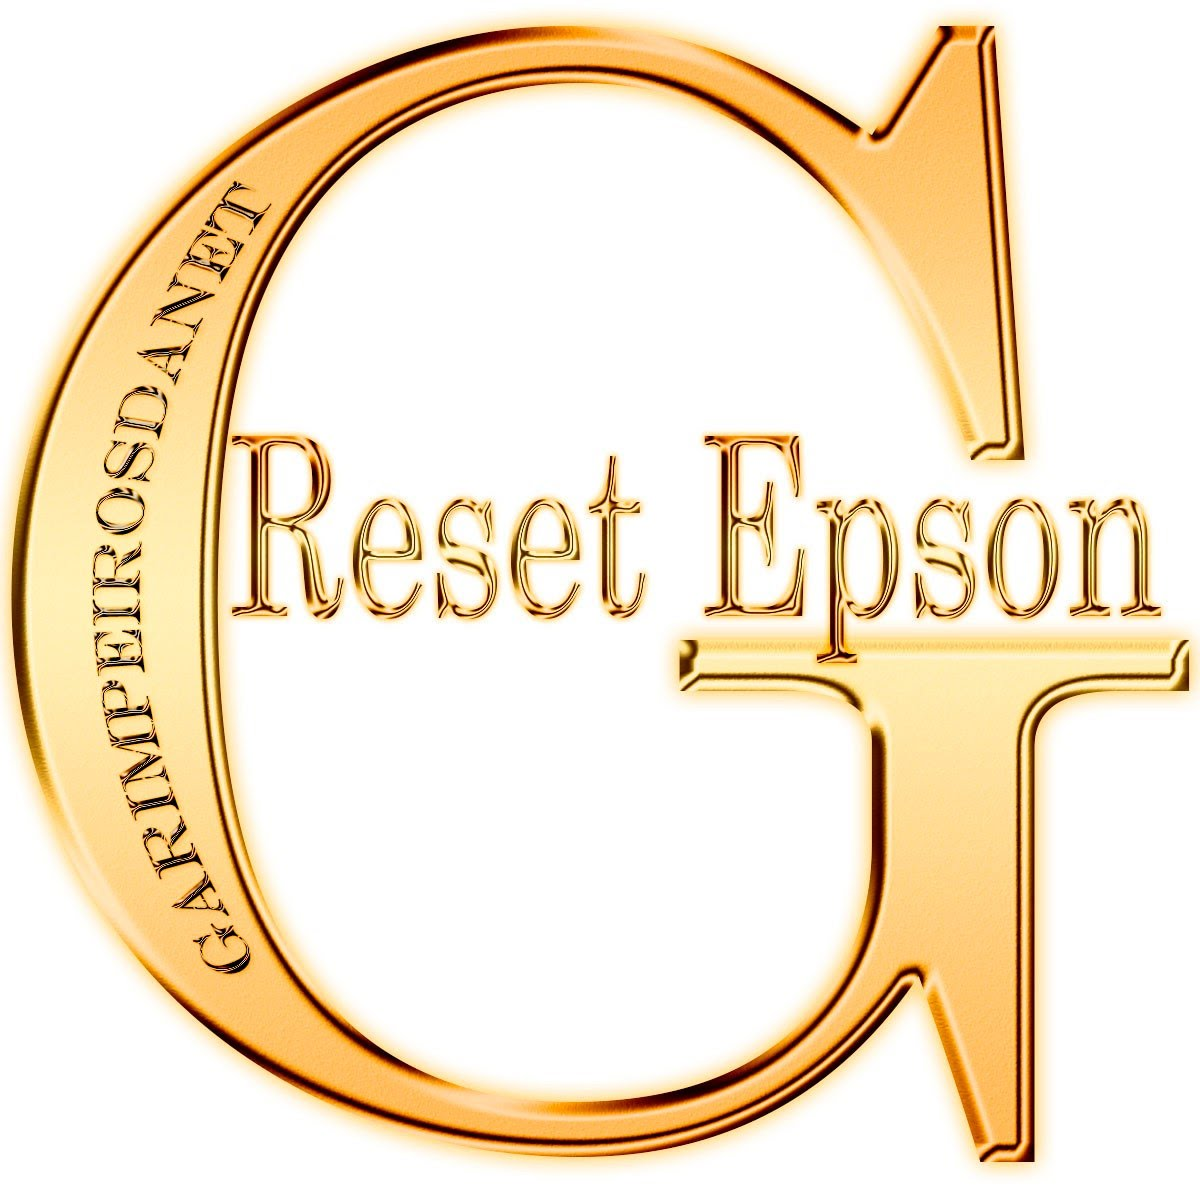 Reset Epson L130 L220 L310 L360 L365 Garimpeirosanet.com.